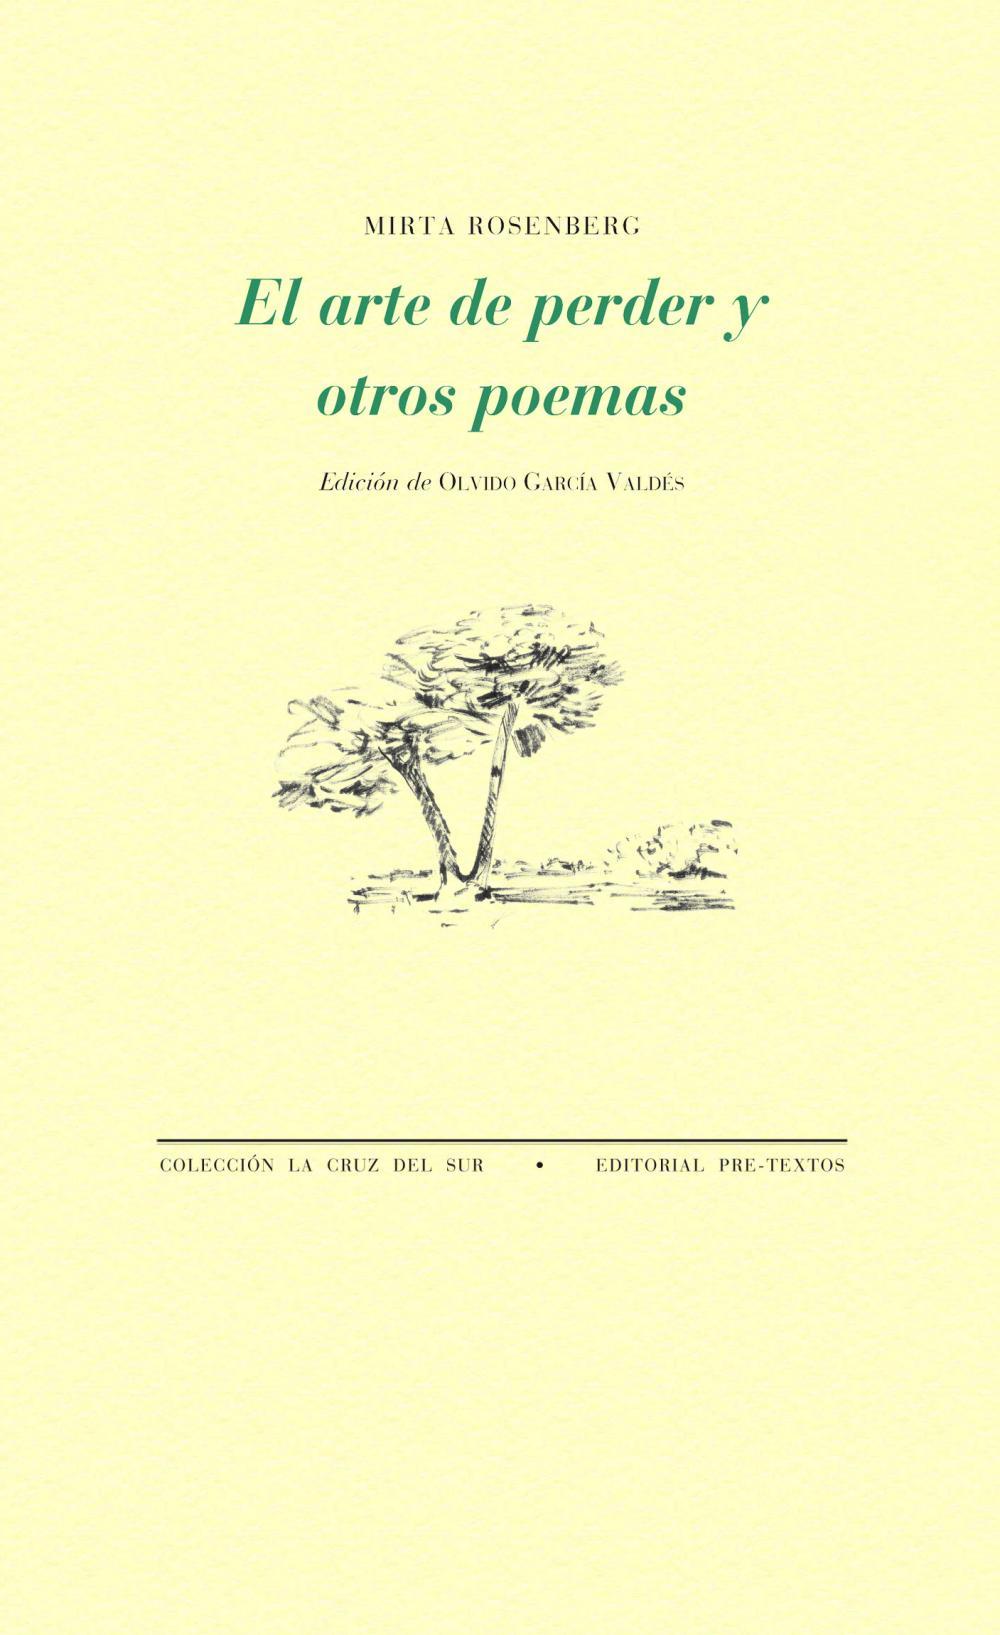 El arte de perder y otros poemas